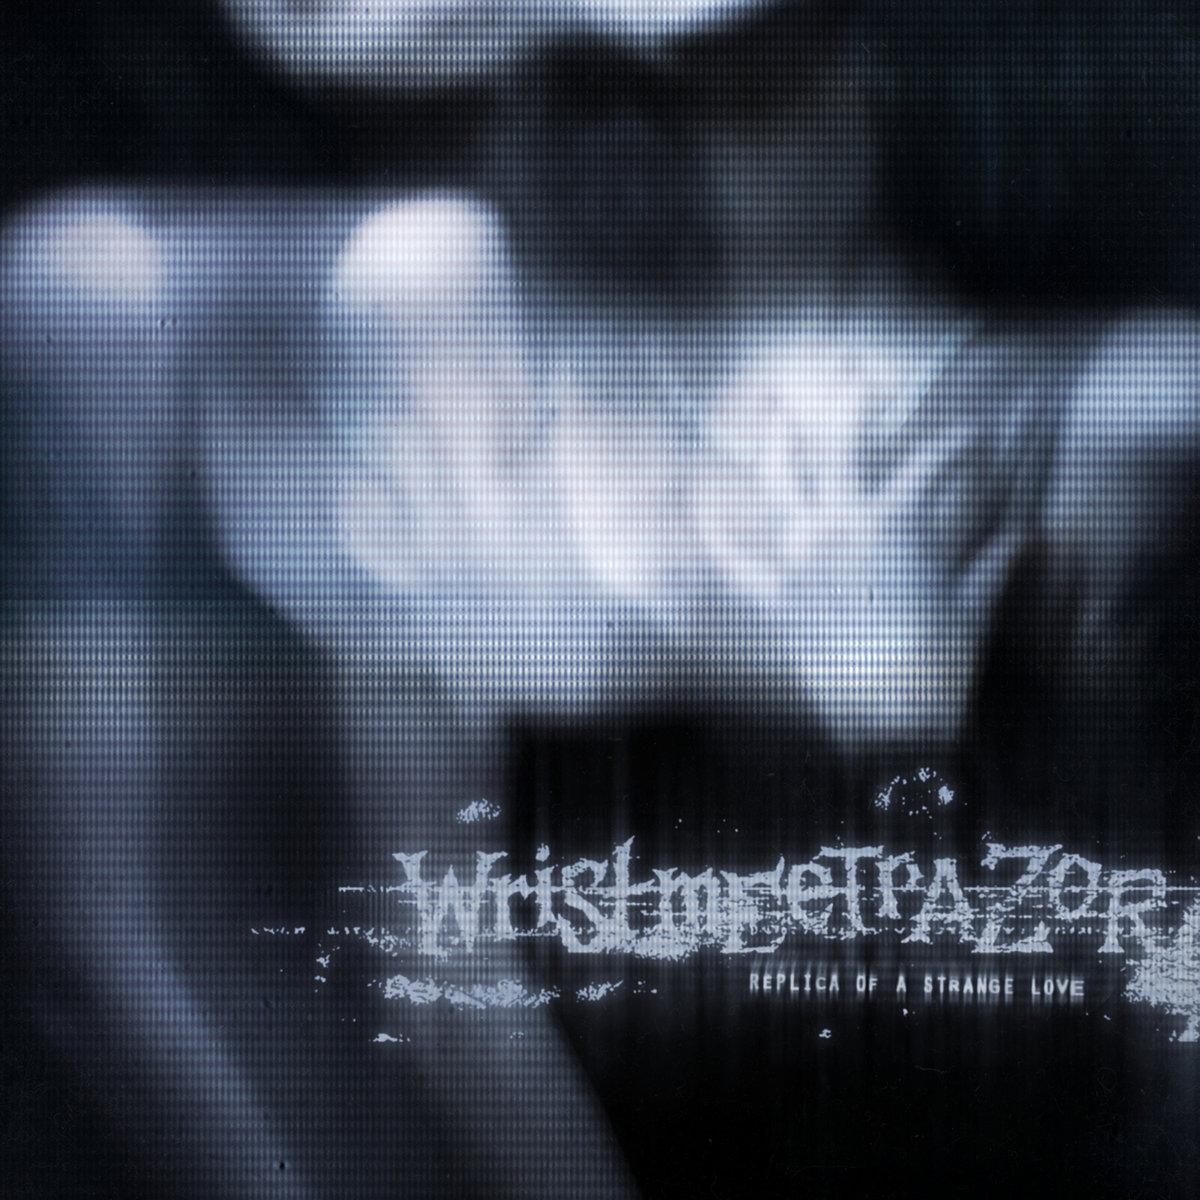 Wristmeetrazor Replica of a Strange Love Album Cover Artwork